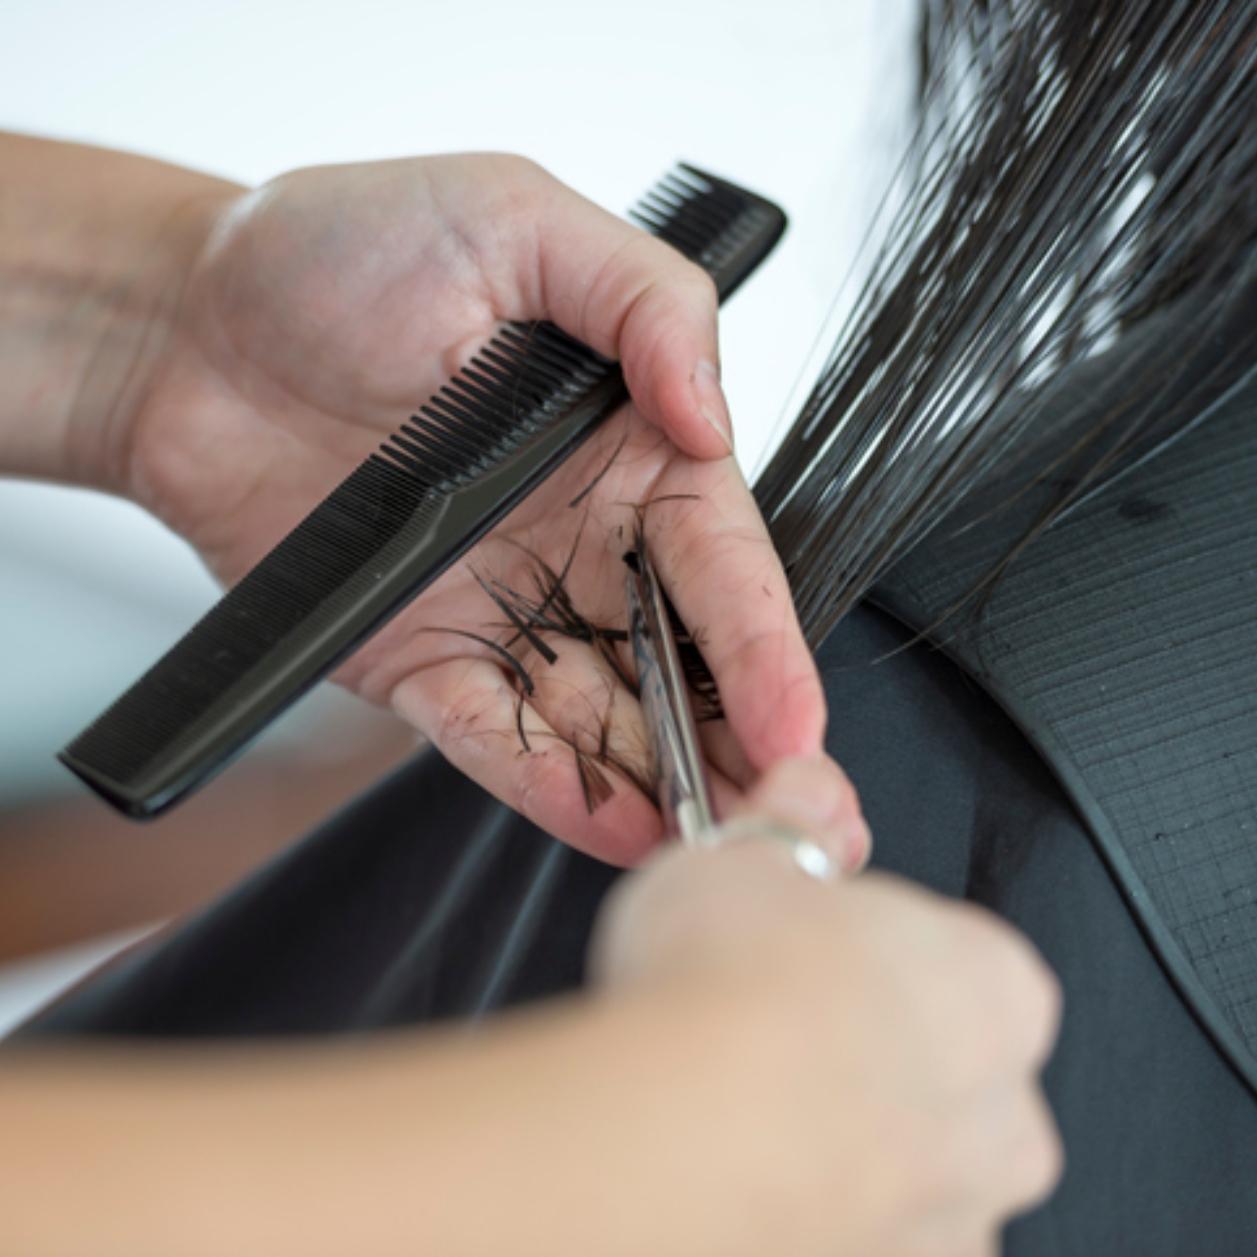 Ces coiffeurs donnent leurs cheveux pour lutter contre le pollution marine